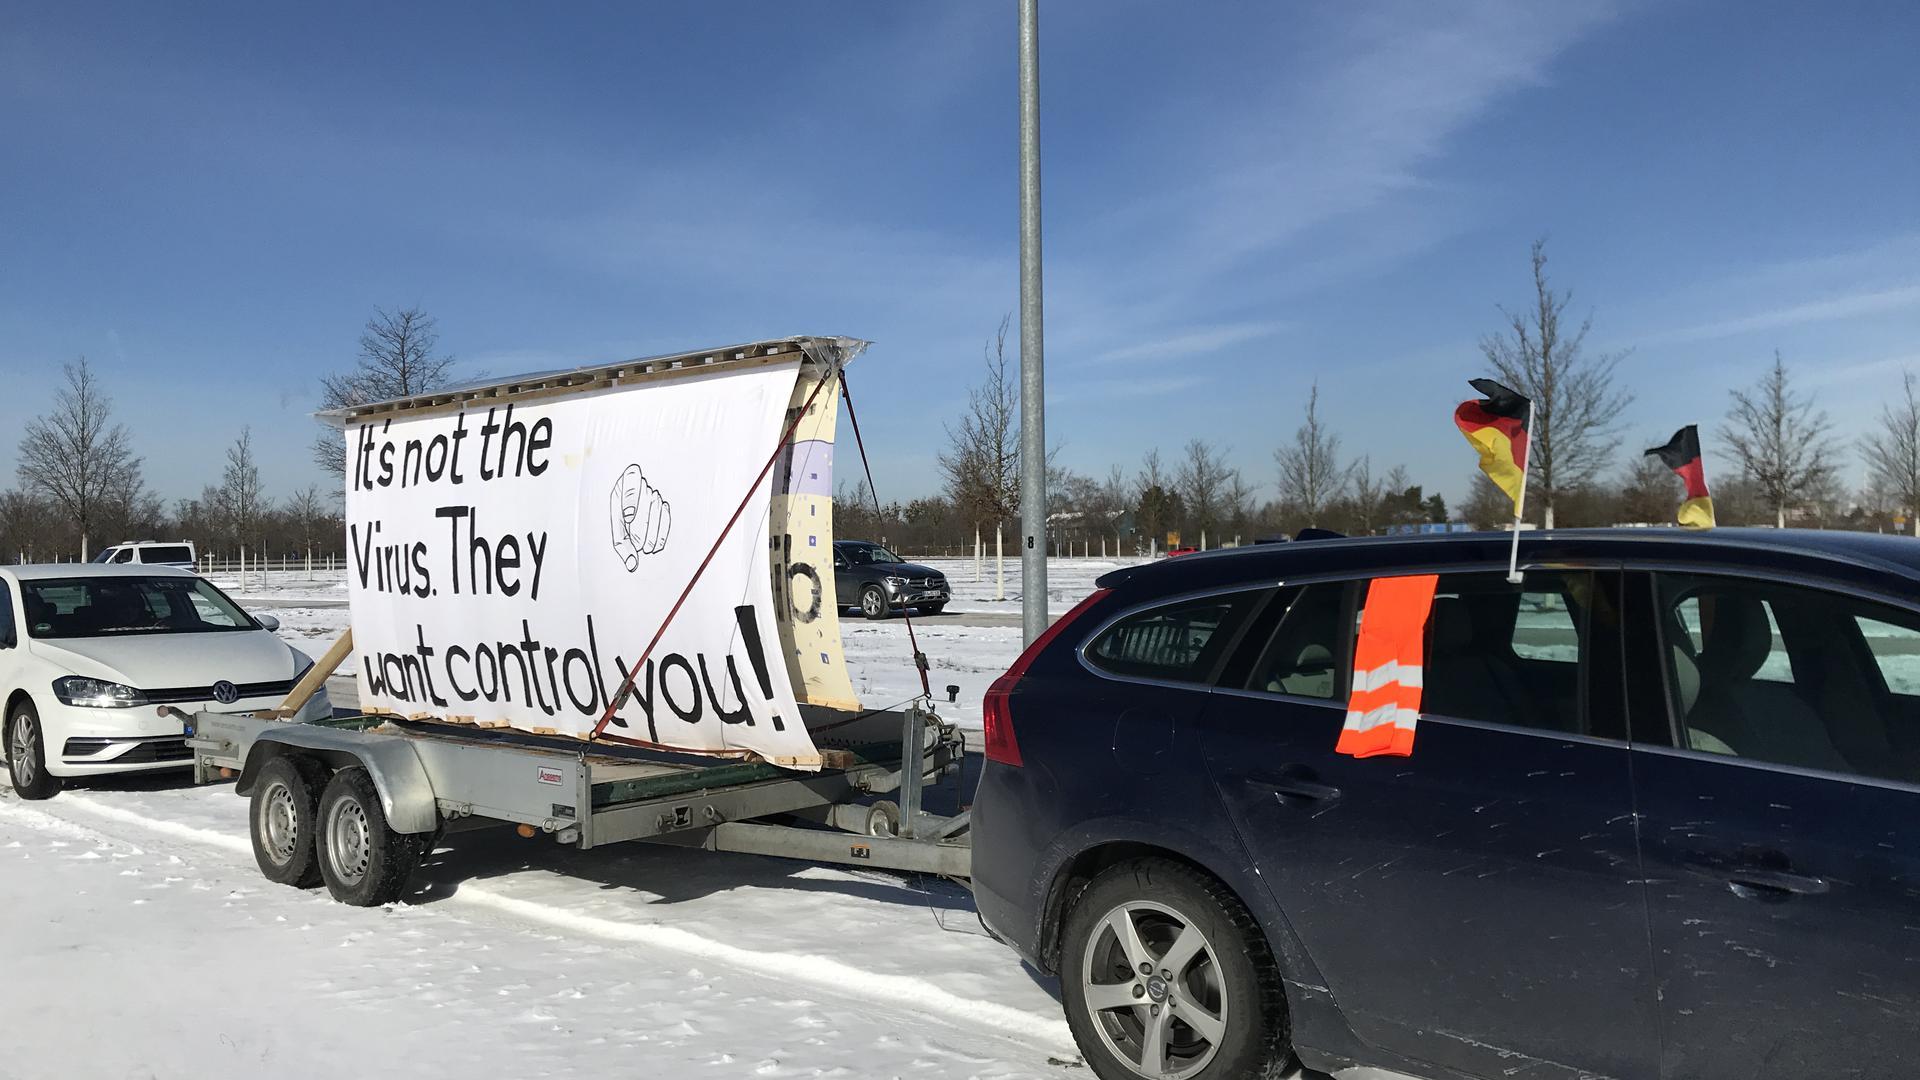 Mit Deutschlandfähnchen und Warnweste: Die Demonstranten wollen Corona-bedingte Einschränkungen der Grundrechte nicht länger hinnehmen.